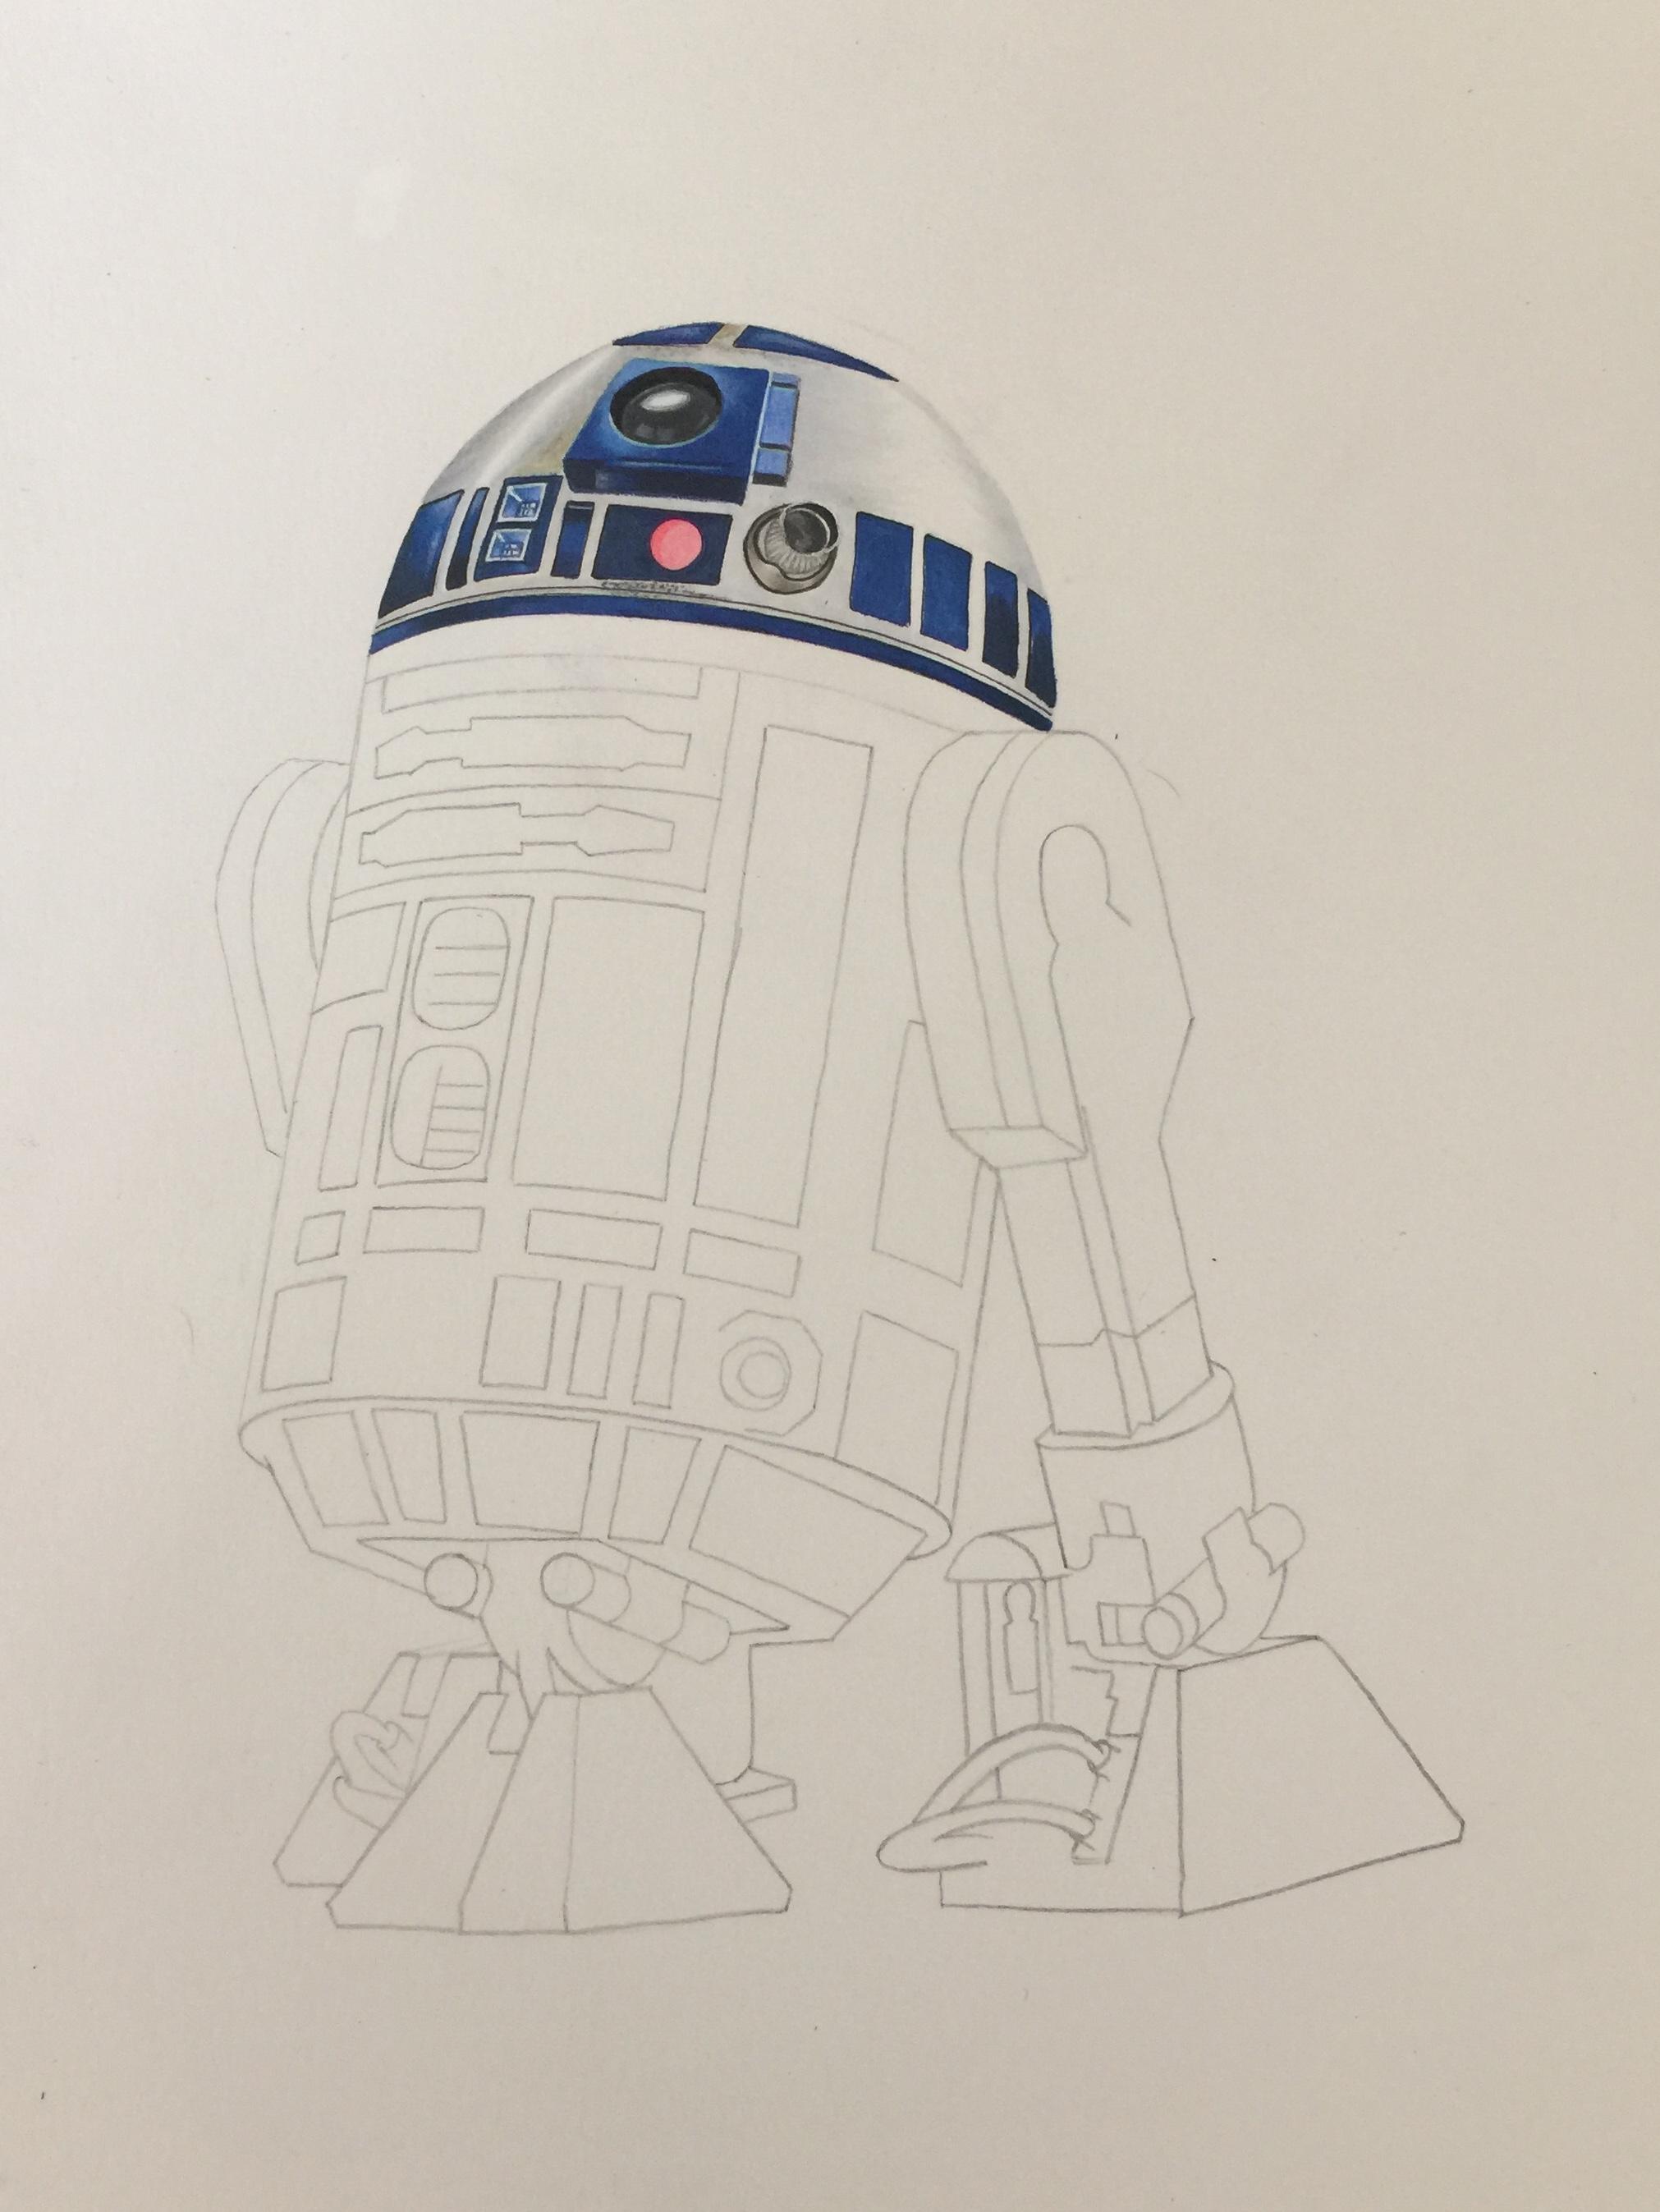 R2-D2 Image 2